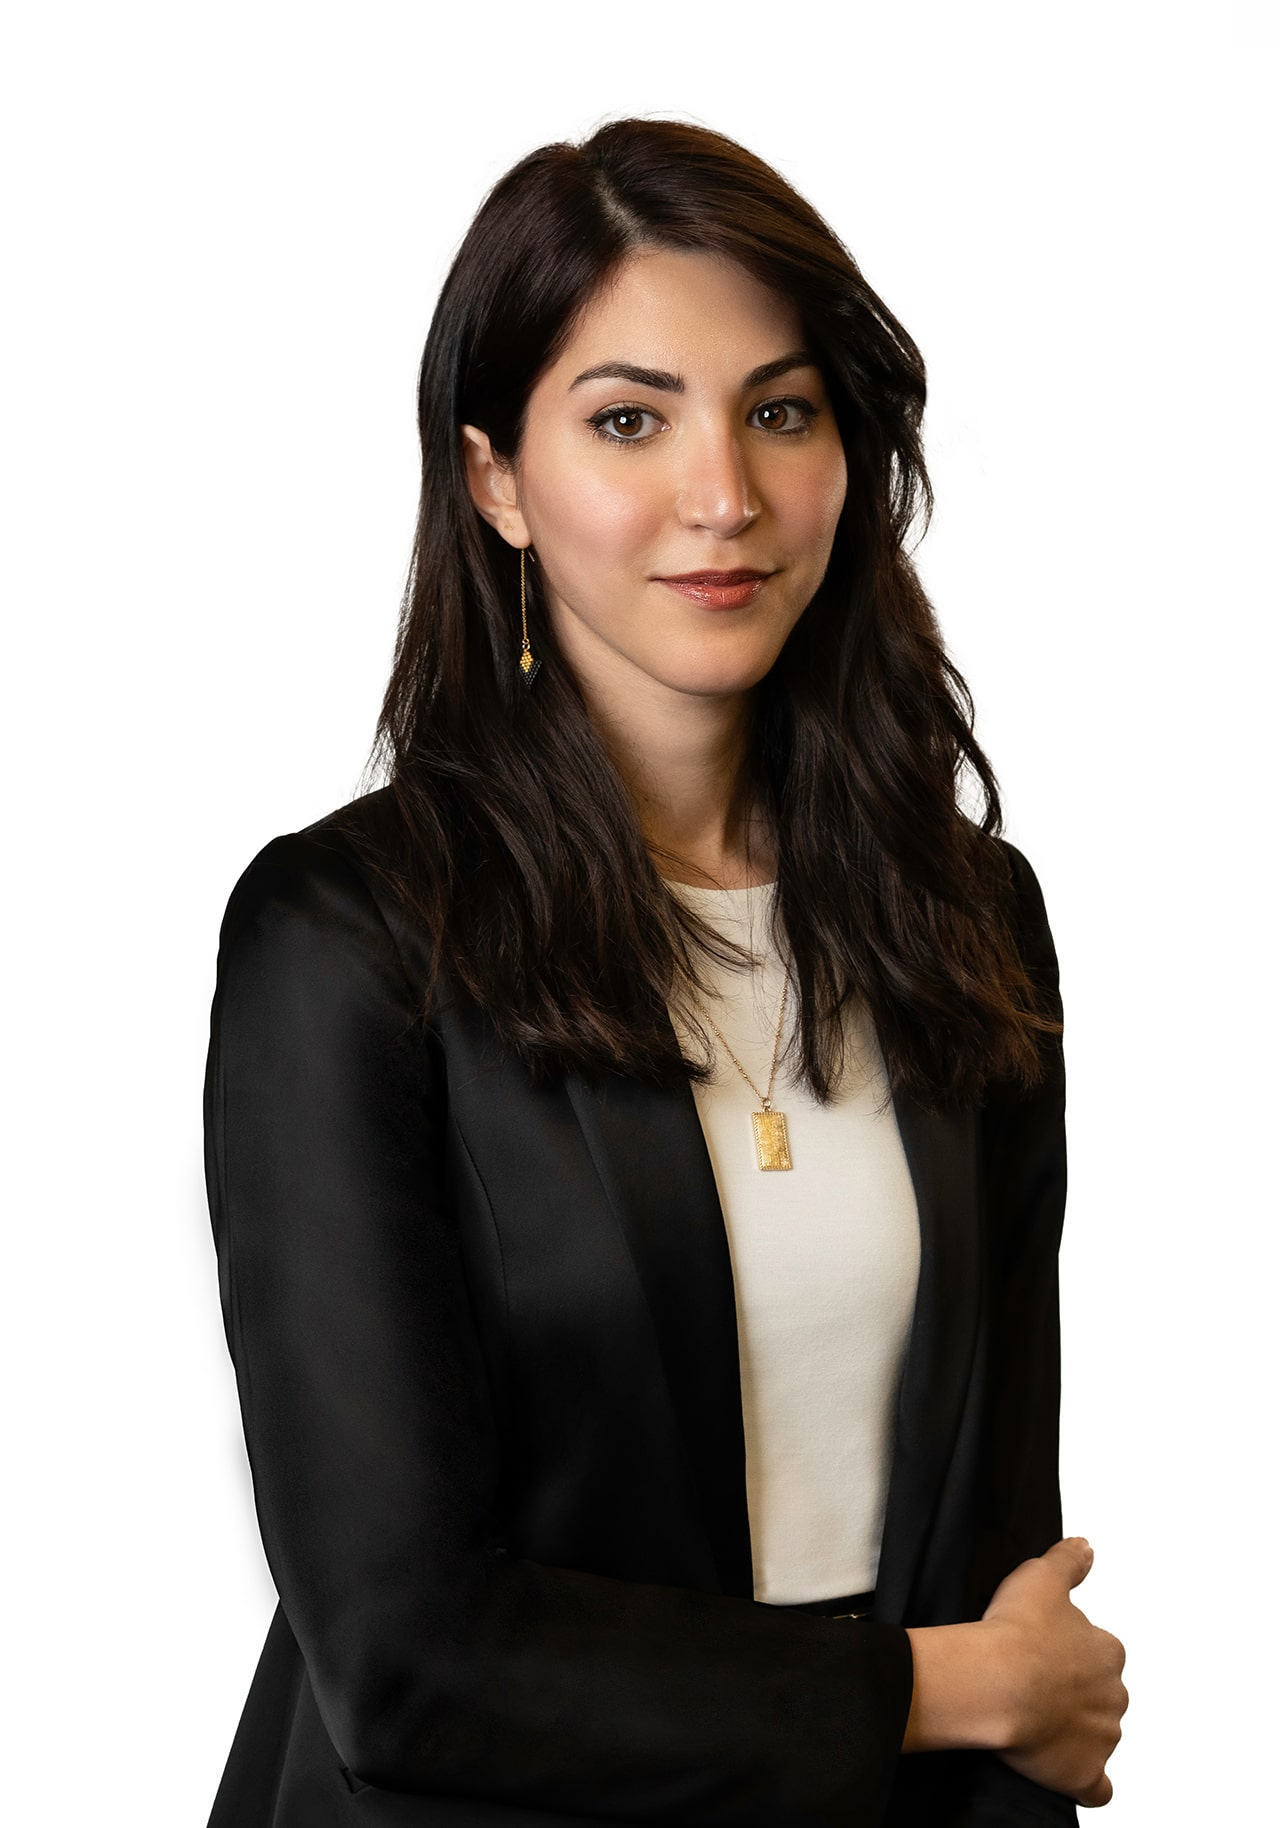 Nazanin Lakhani